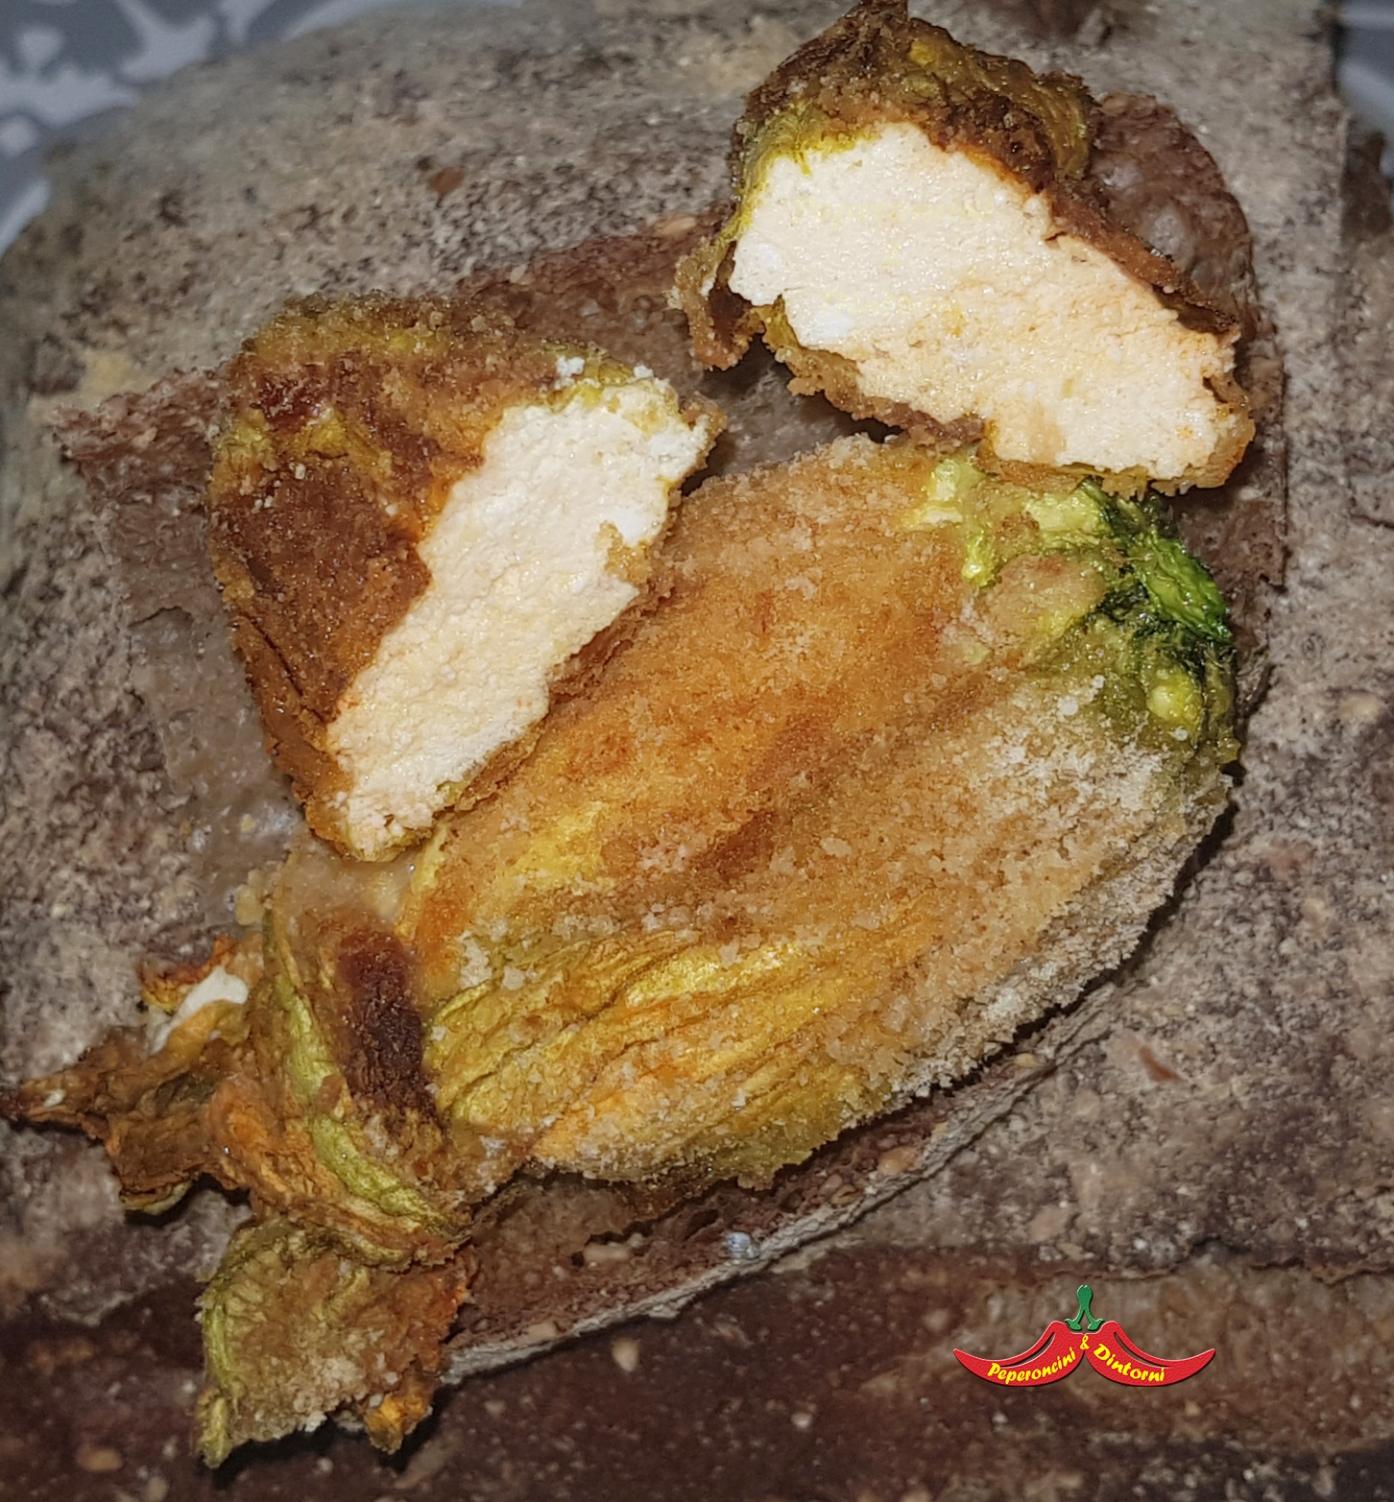 Fiori di zucca al forno, ricotta, pecorino romano e 'nduja